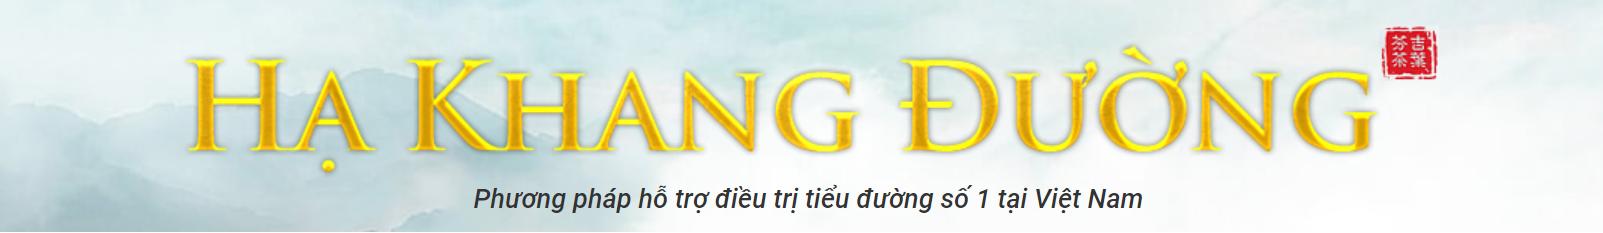 dieu-tri-tieu-duong-6